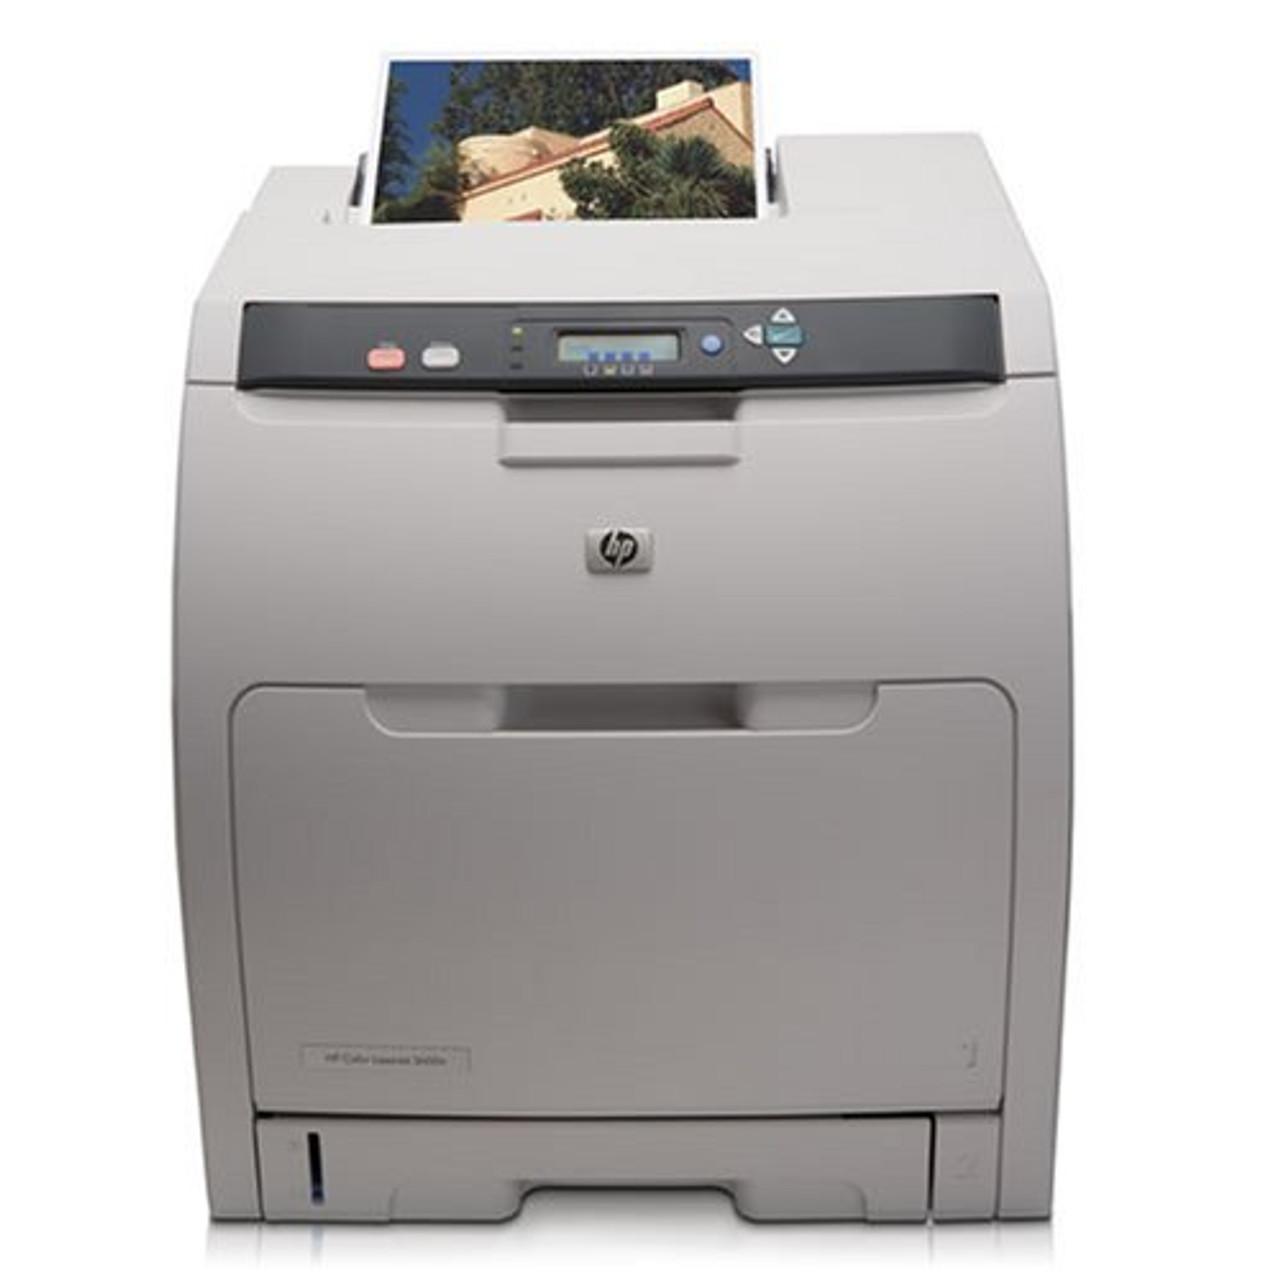 HP Color LaserJet 3600N - Q5987A - HP Laser Printer for sale